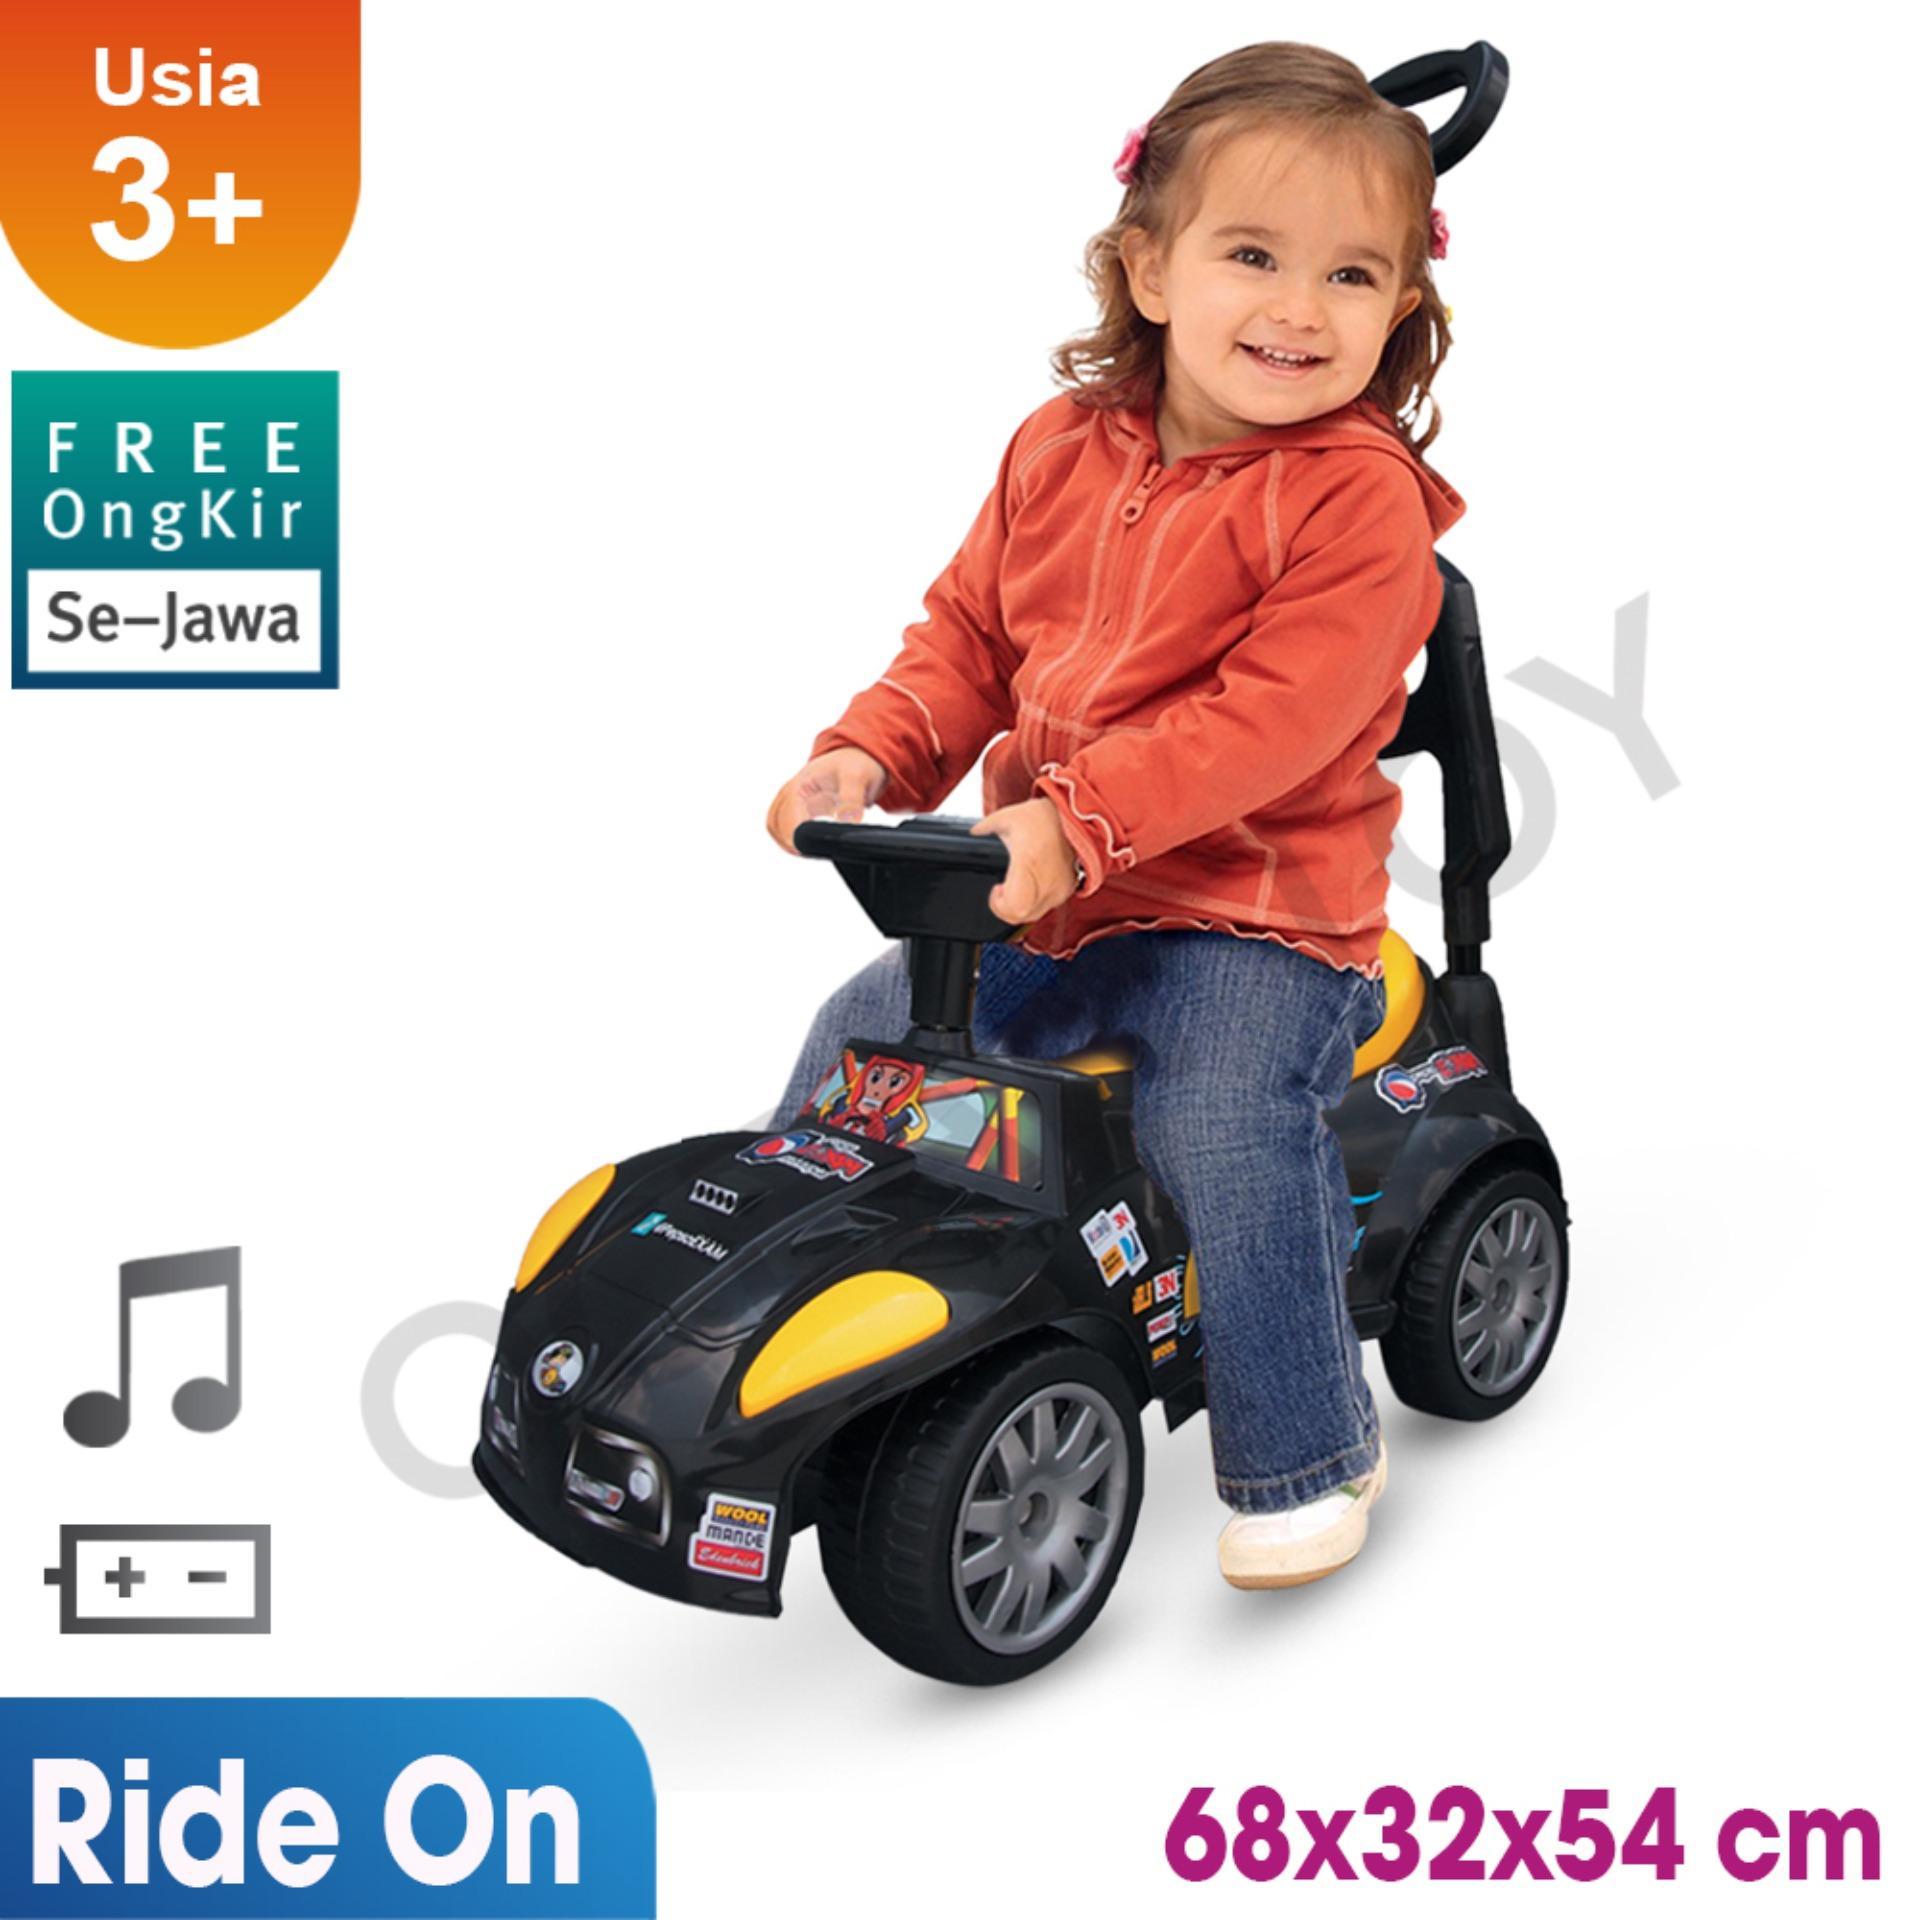 Spesifikasi Free Ongkir Se Jawa Ocean Toy Yotta Ride On Mobil Pembalap Mainan Anak Black